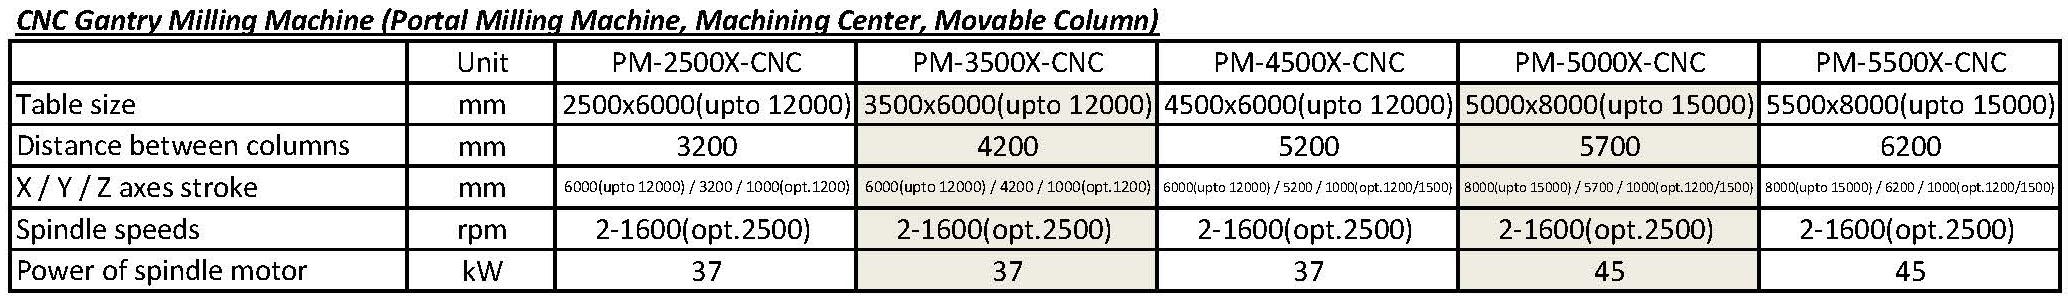 技术参数 - PM-X-CNC